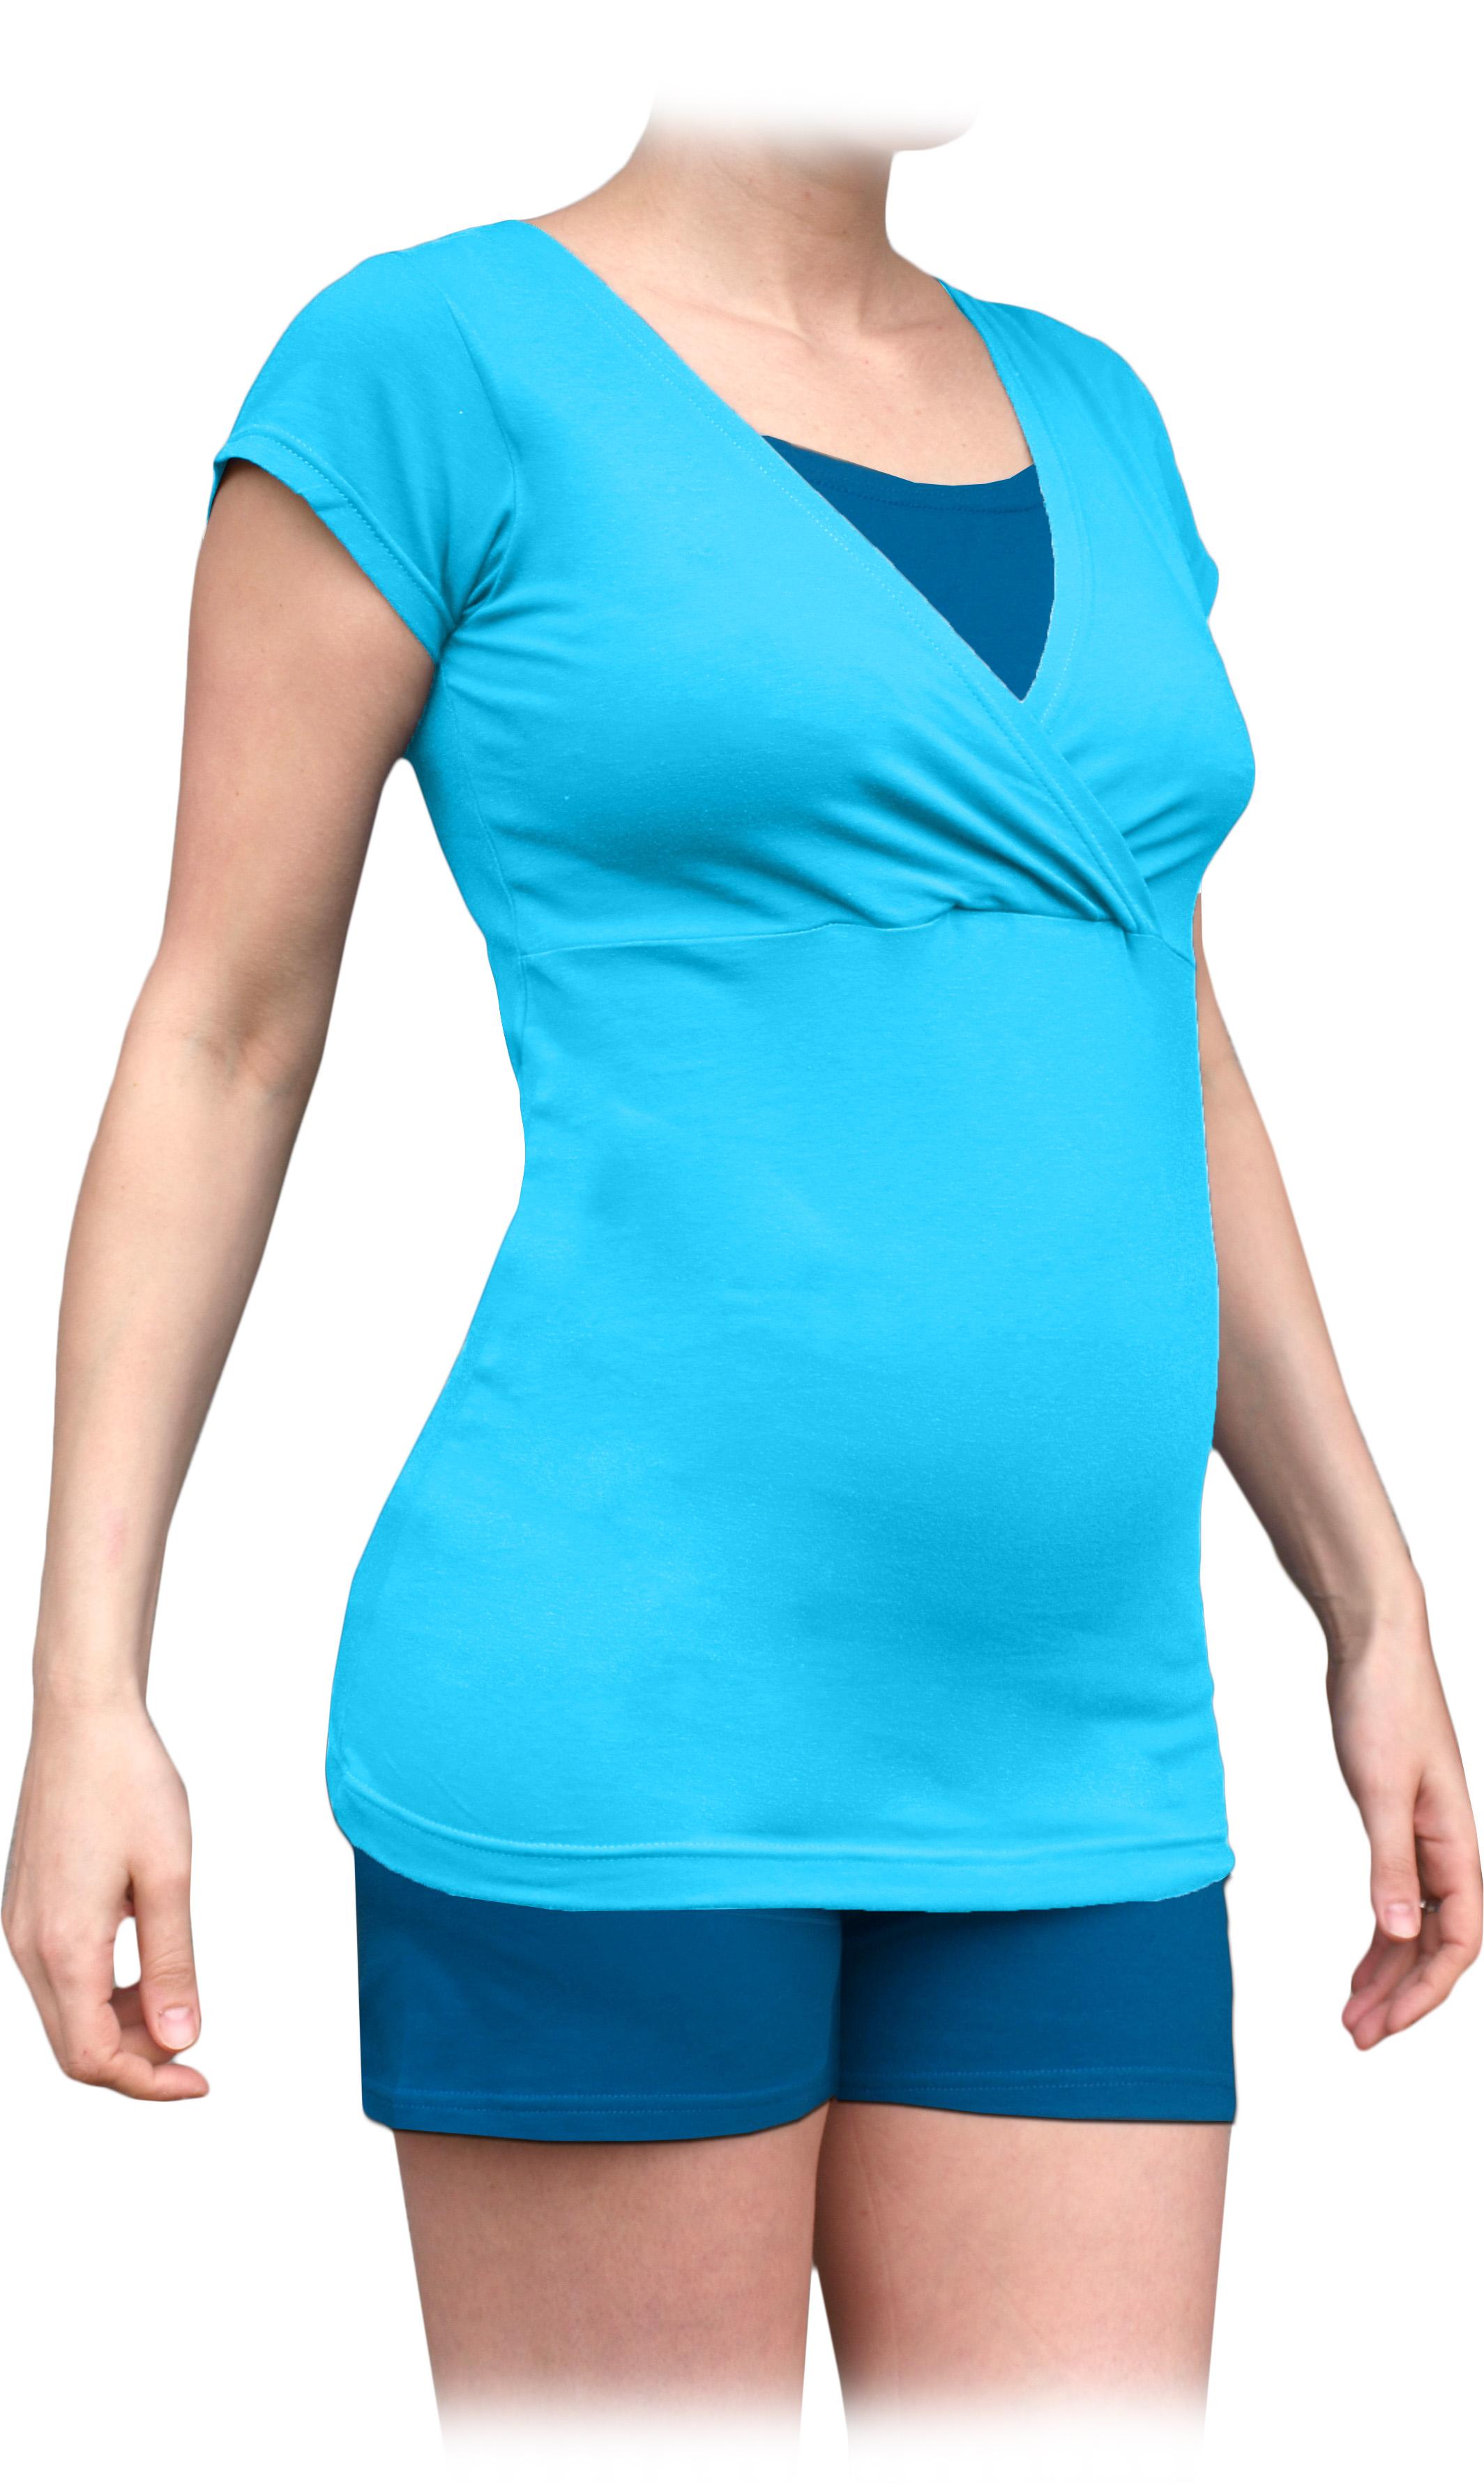 Těhotenské s kojicí pyžamo, krátké, tyrkysové